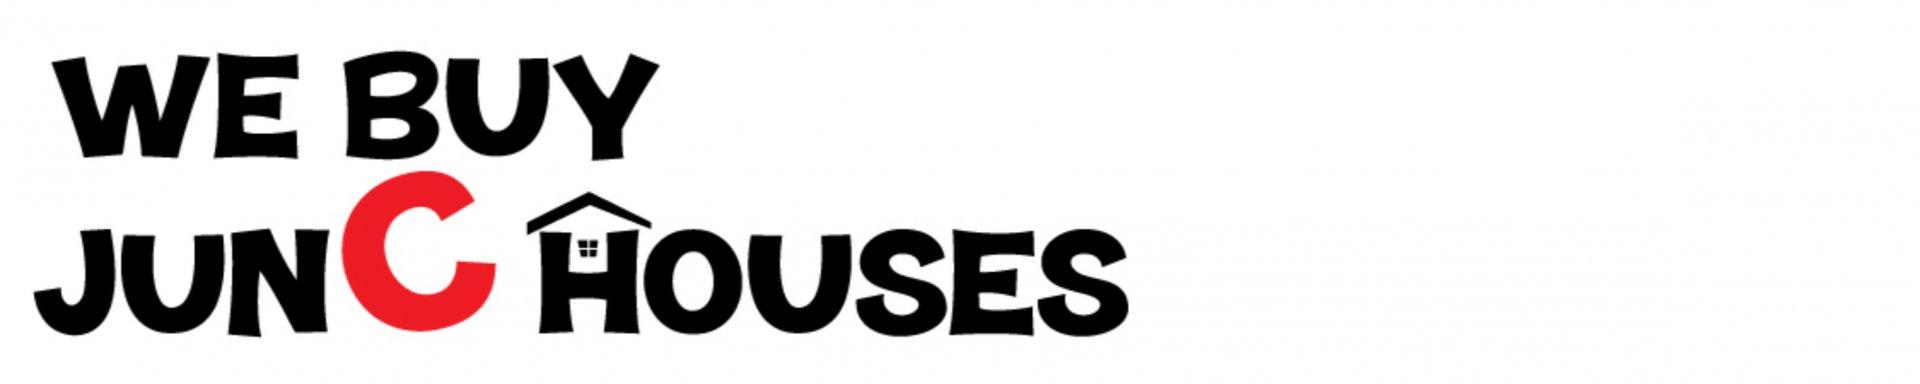 We Buy Junc Houses  logo